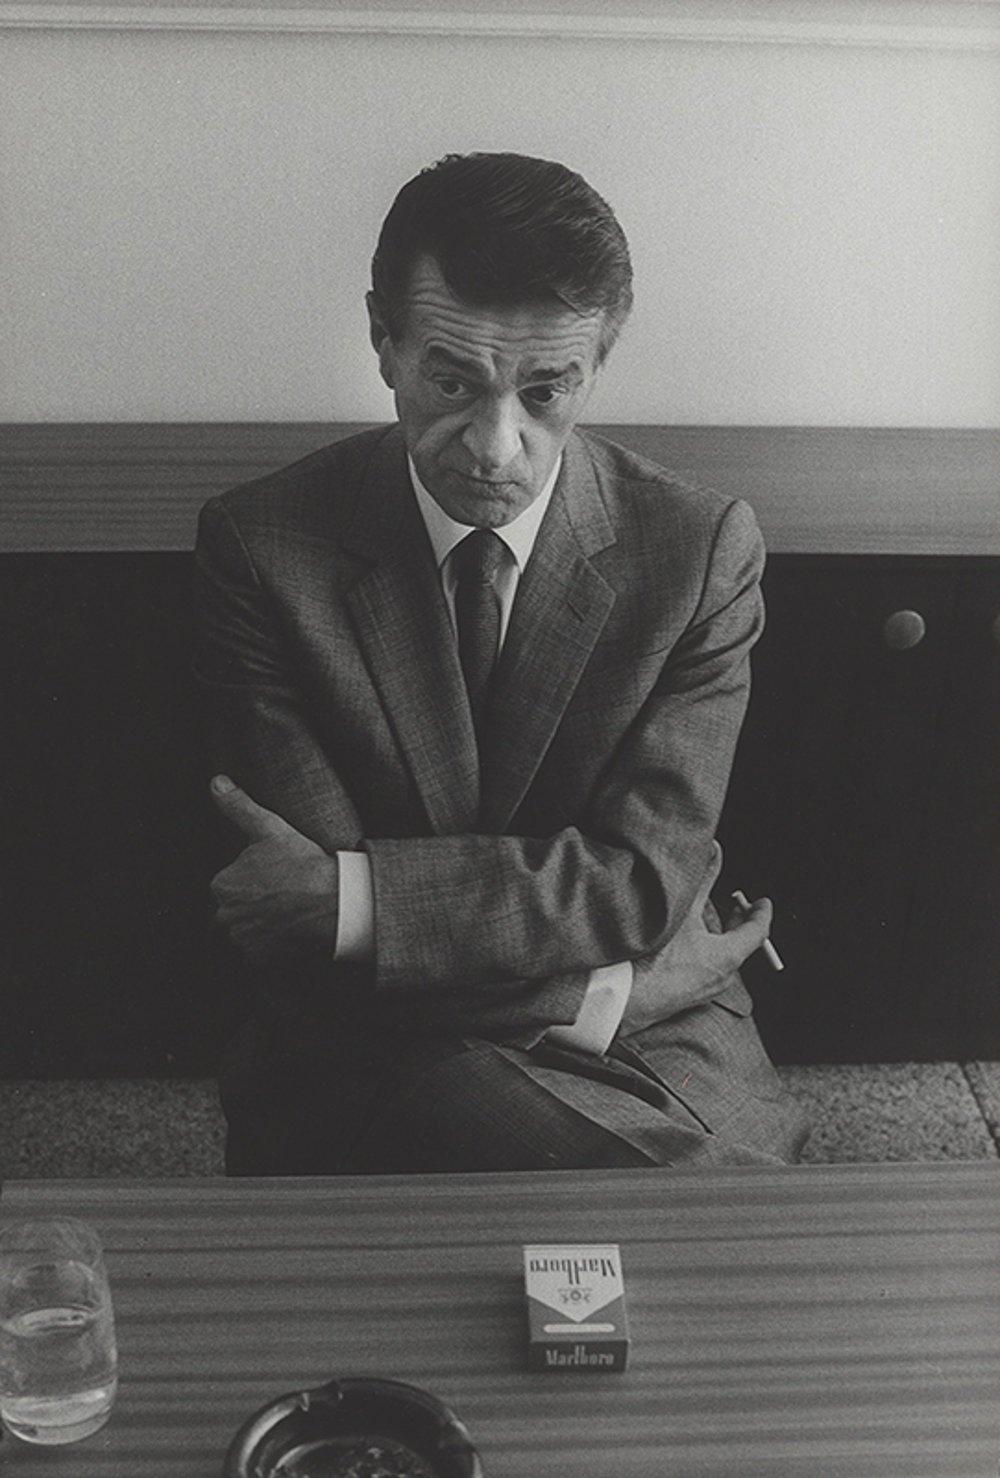 Portrét Miroslava Válka od fotografa Tibora Huszára, 1984-89, majetok SNG